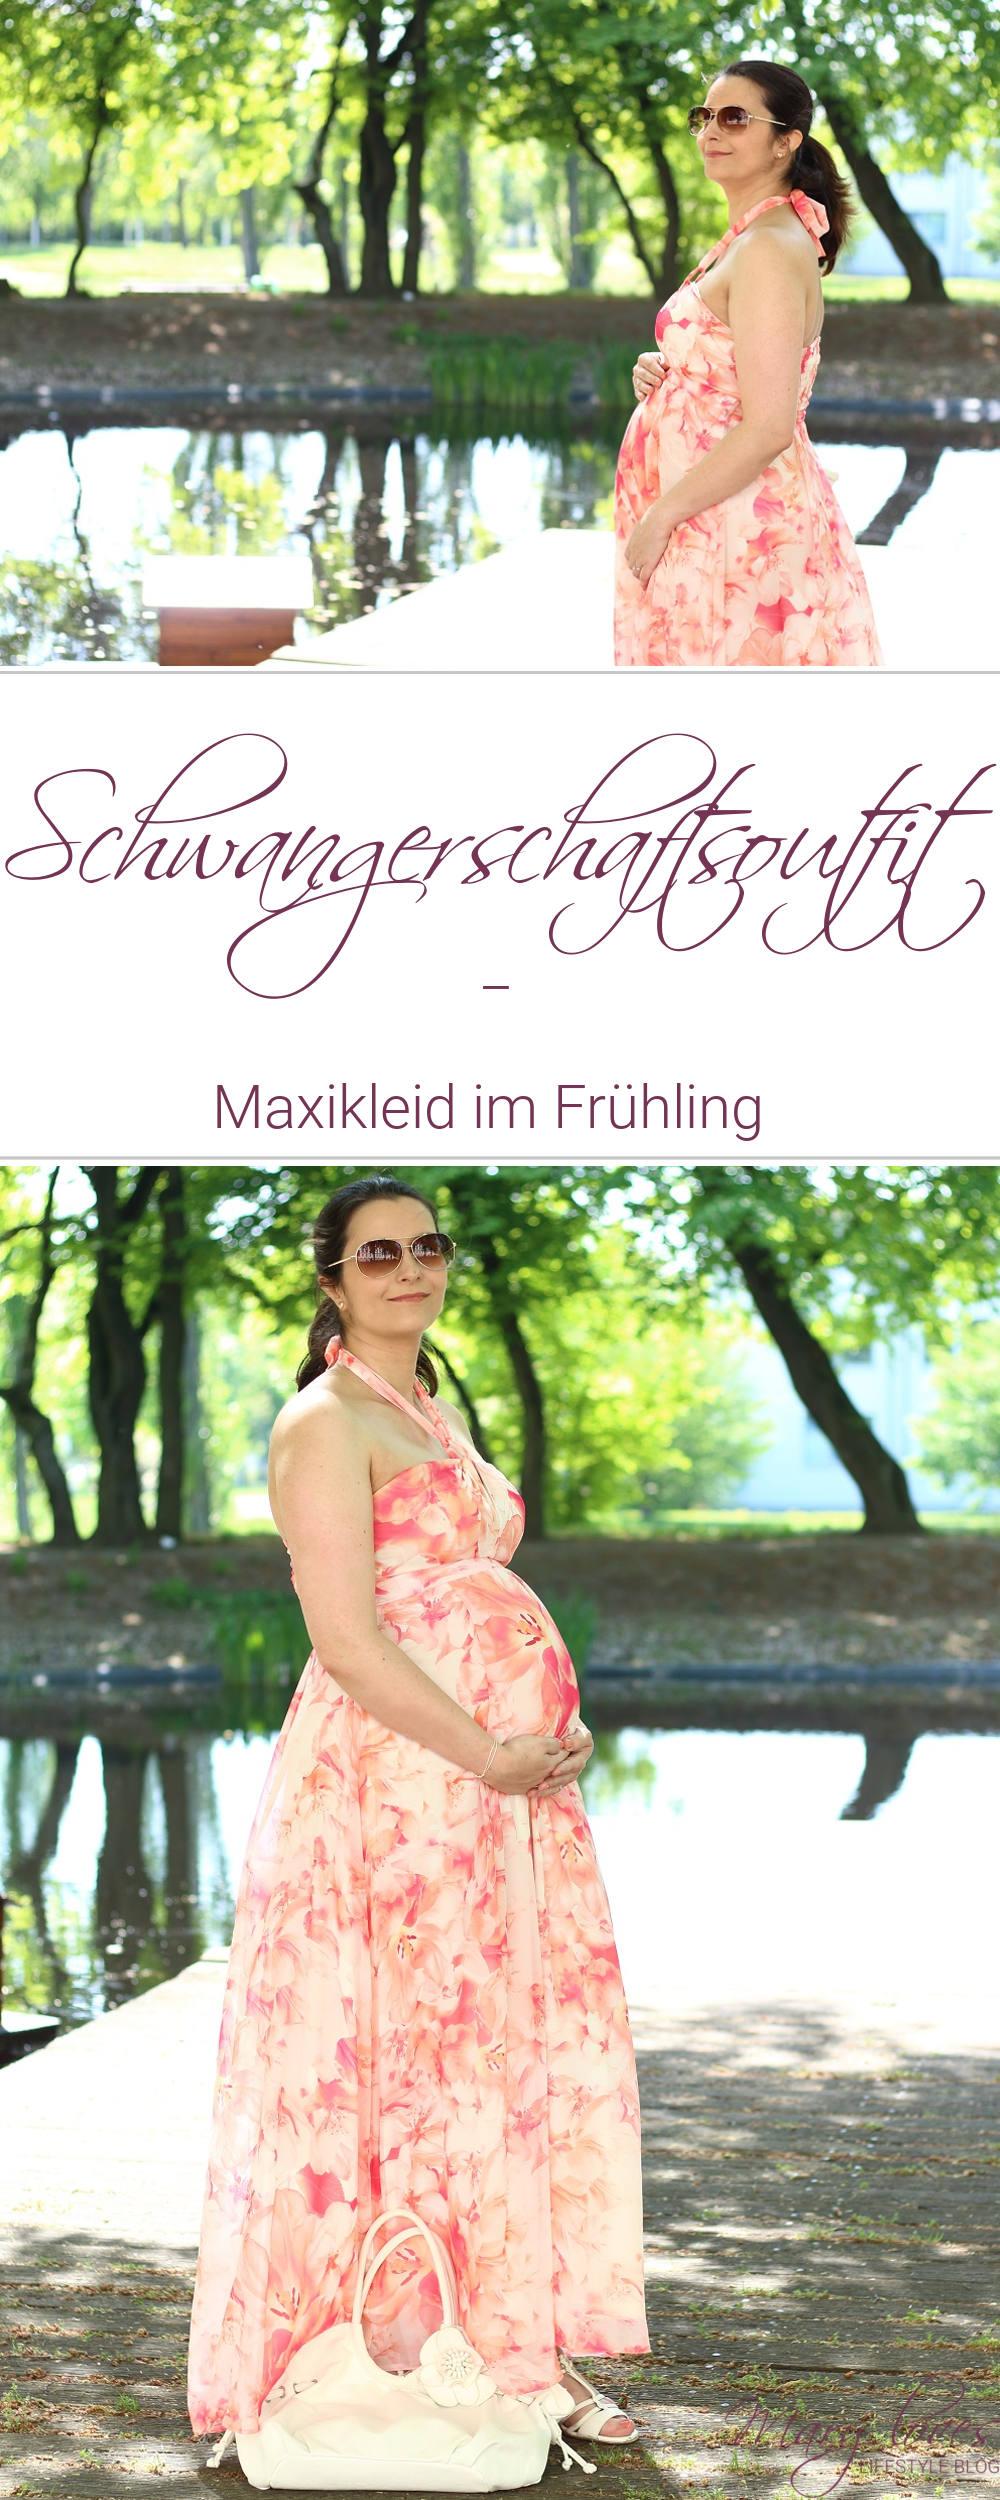 Schwangerschaftsoutfit - Maxikleid im Frühling - 27. SSW - #schwangerschaft #schwangerschaftsoutfit #schwangerschaftslook #maxikleid #schwangerschaftsmode